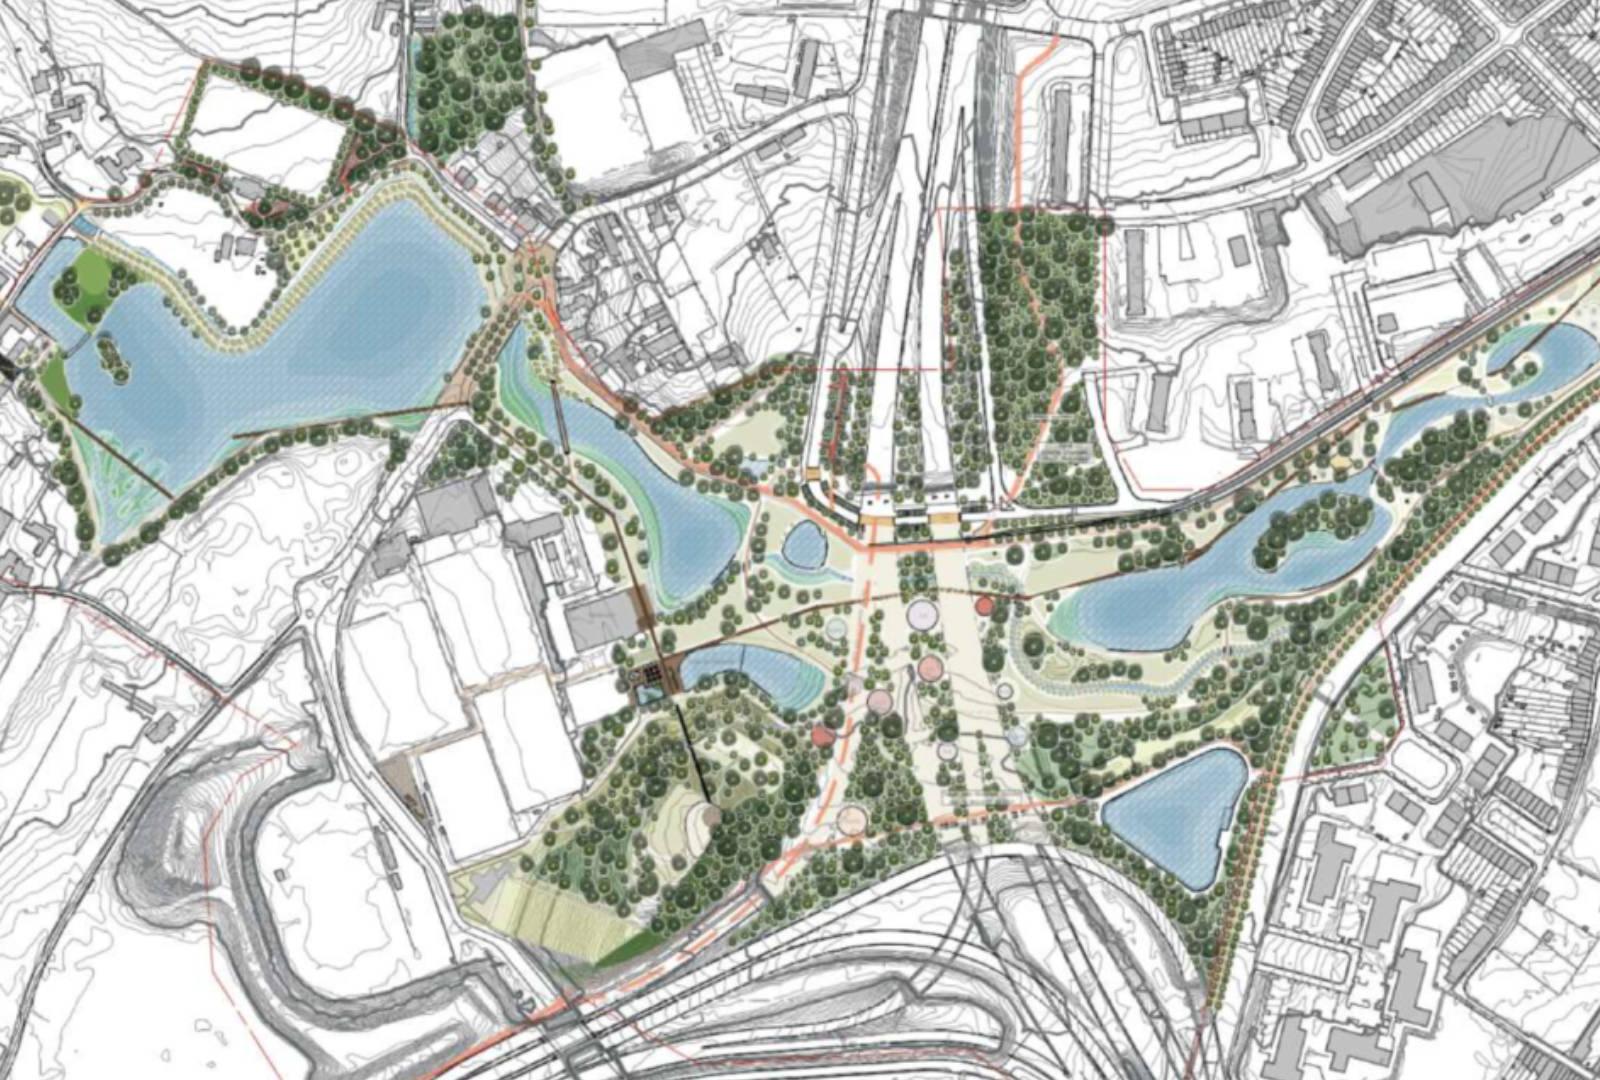 Le Plan opérationnel de Neerpede: valoriser les multiples potentialités de ce territoire unique entre ville et campagne